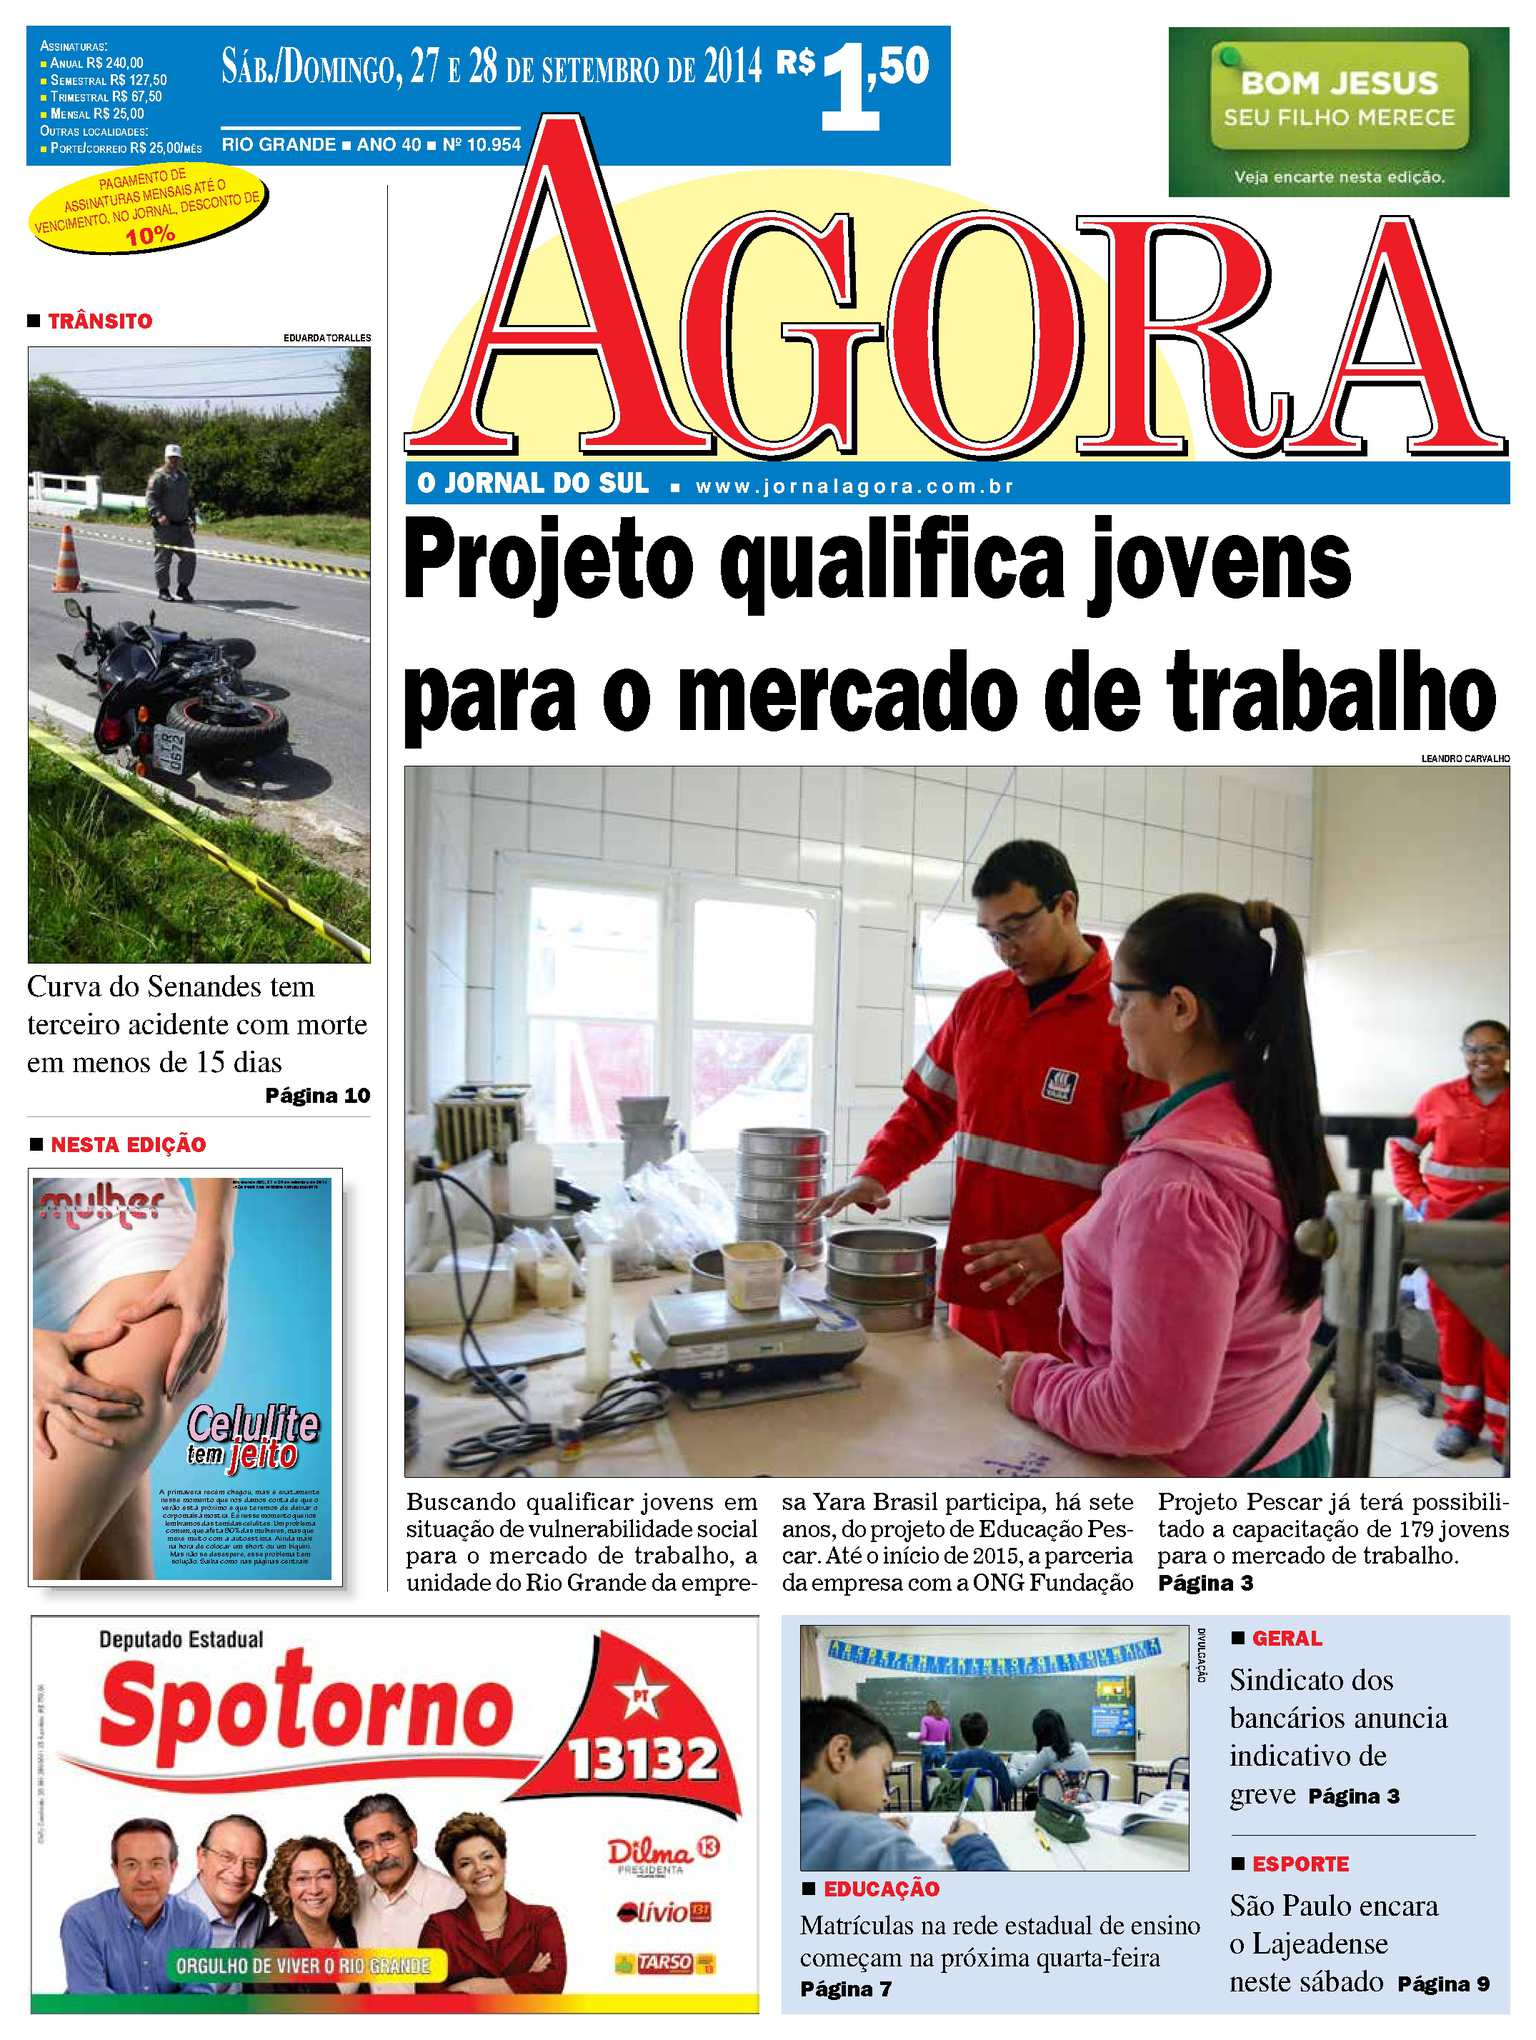 Calaméo - Jornal Agora - Edição 10954 - 27 e 28 de setembro de 2014 0b2be81d1c